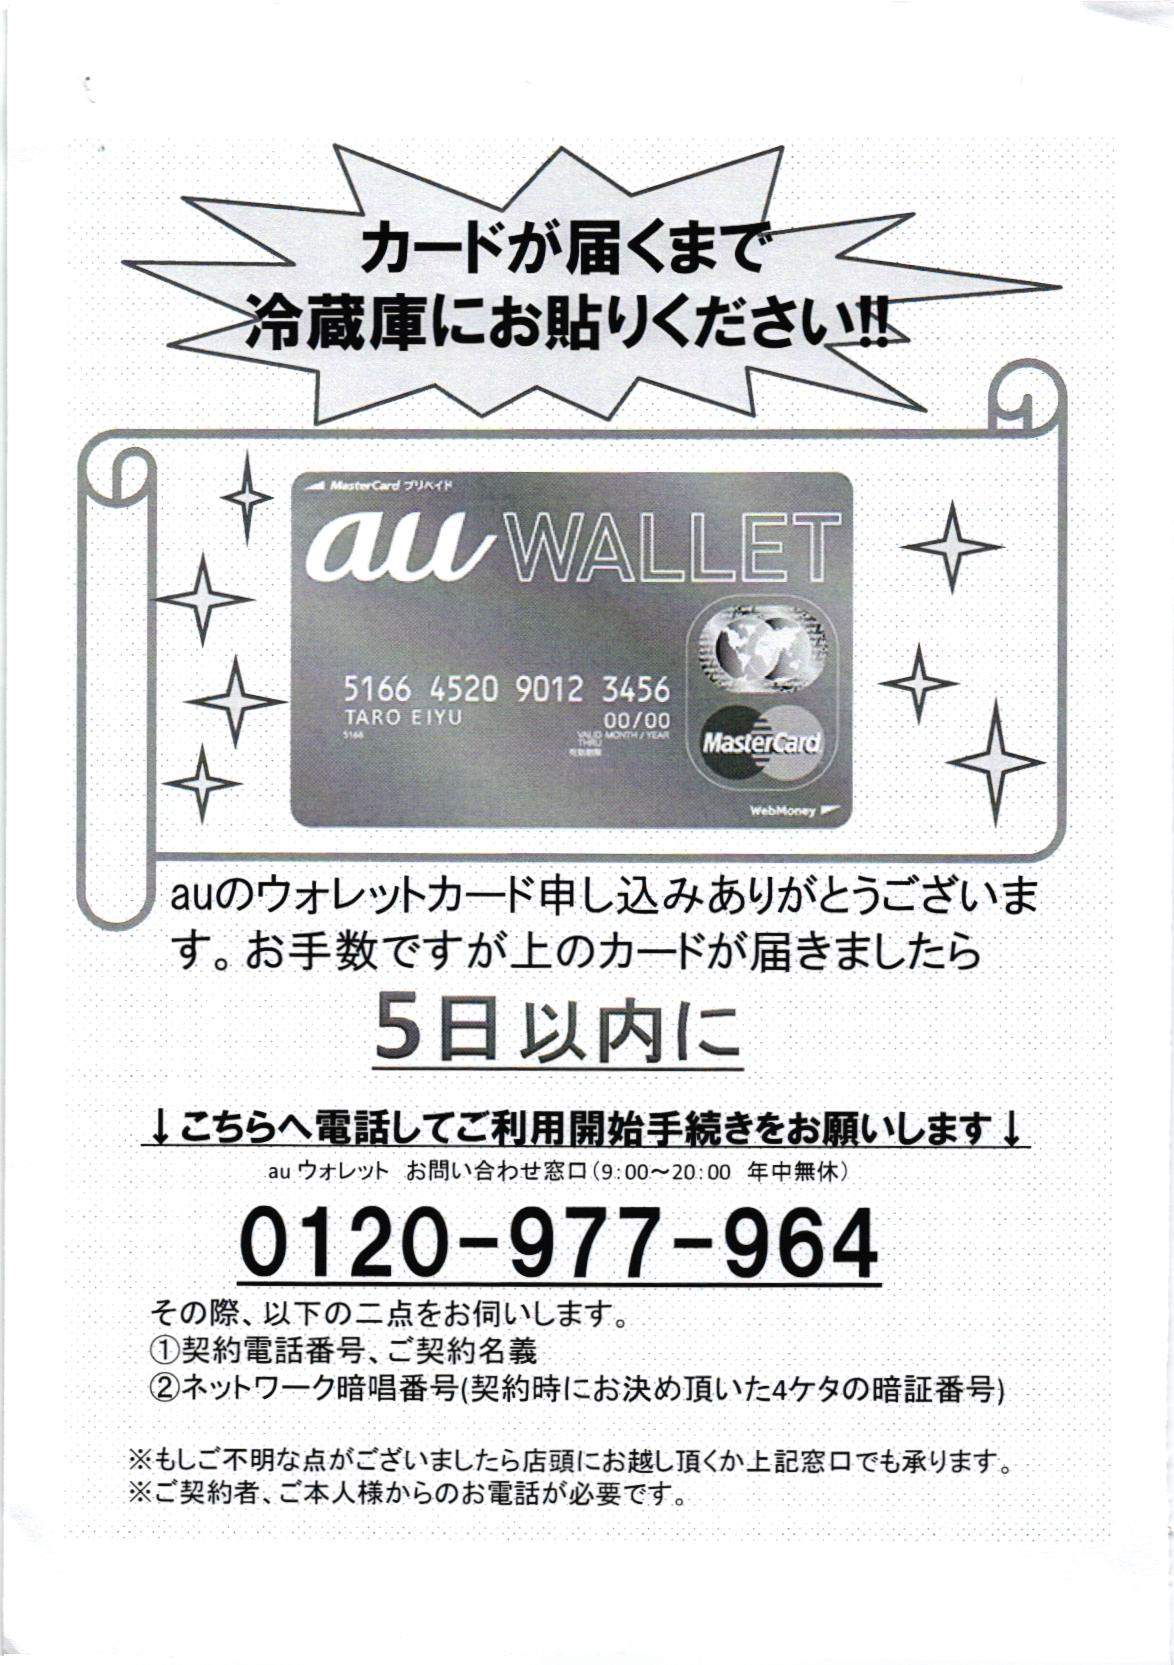 au WALLETが届いたら5日以内にTELとのこと